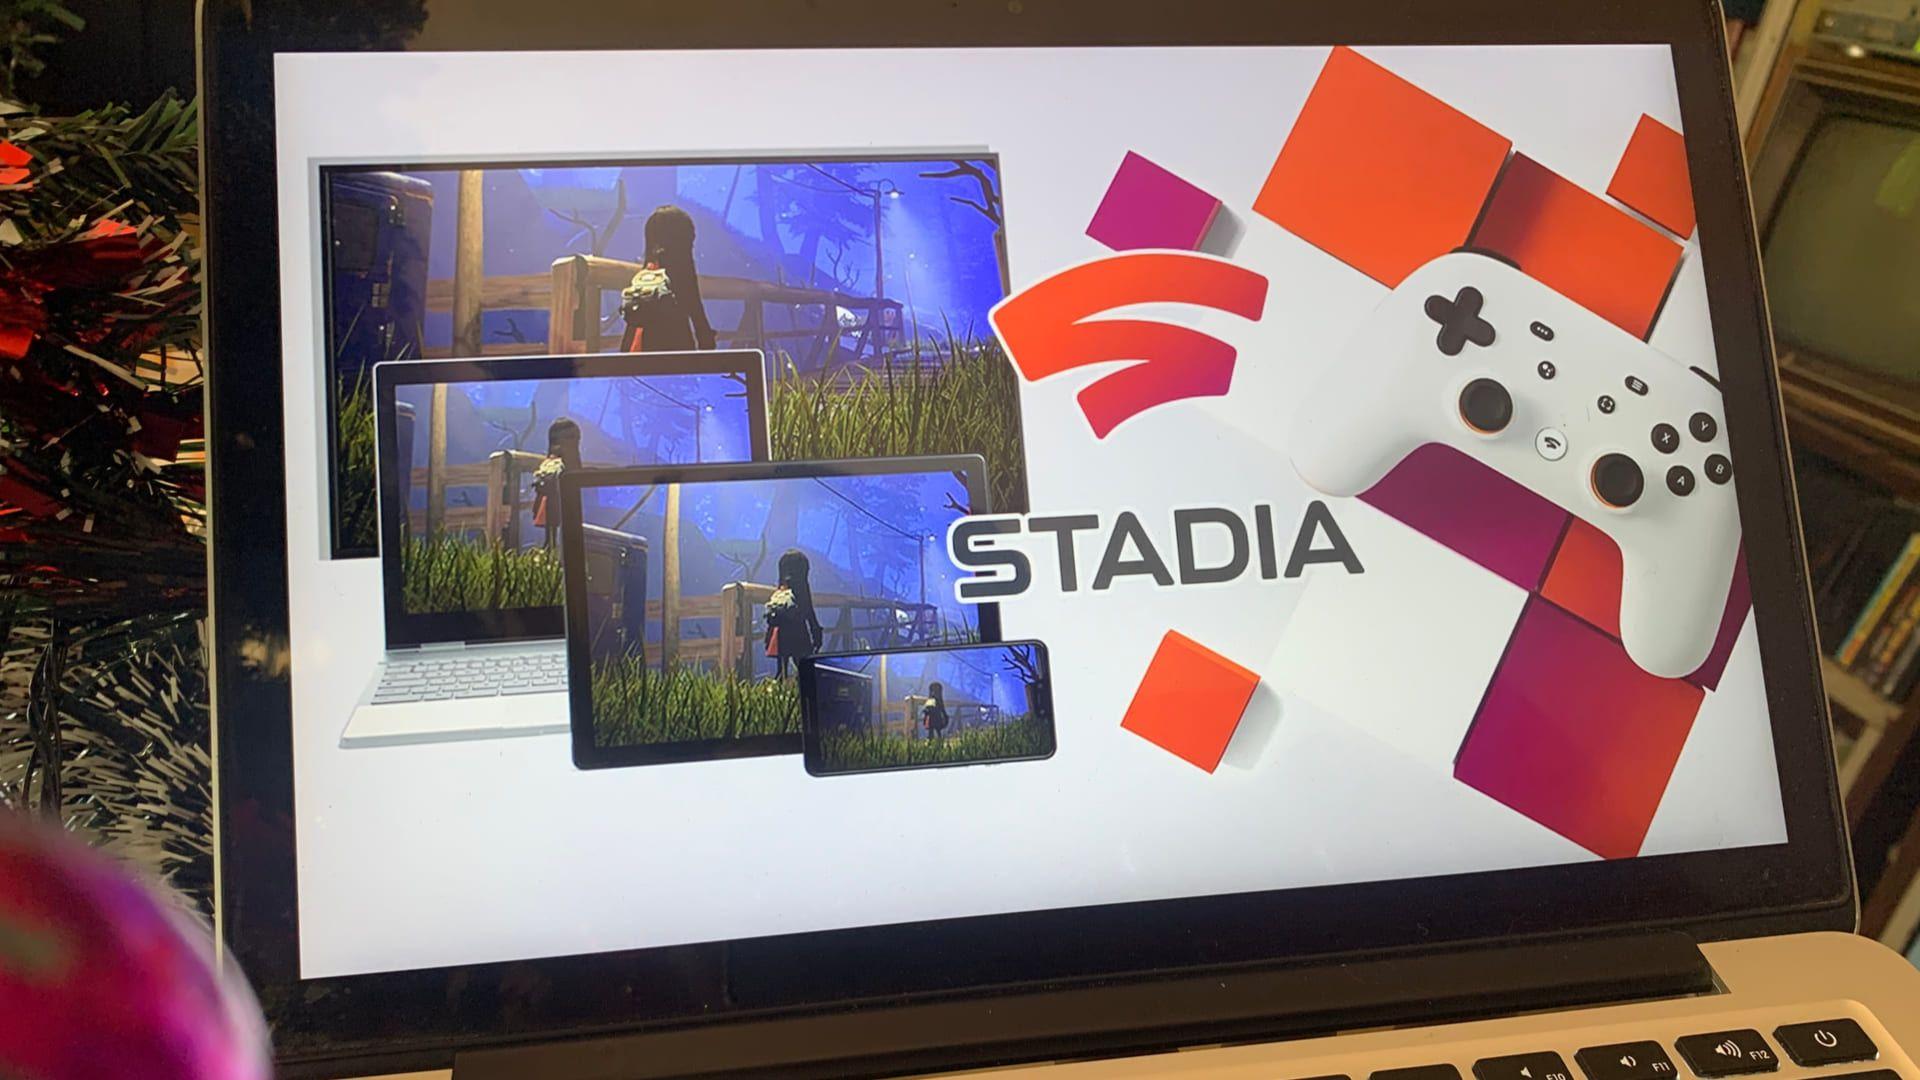 A variedade de jogos do Google Stadia é um dos maiores diferenciais do serviço (Fonte: Shutterstock)